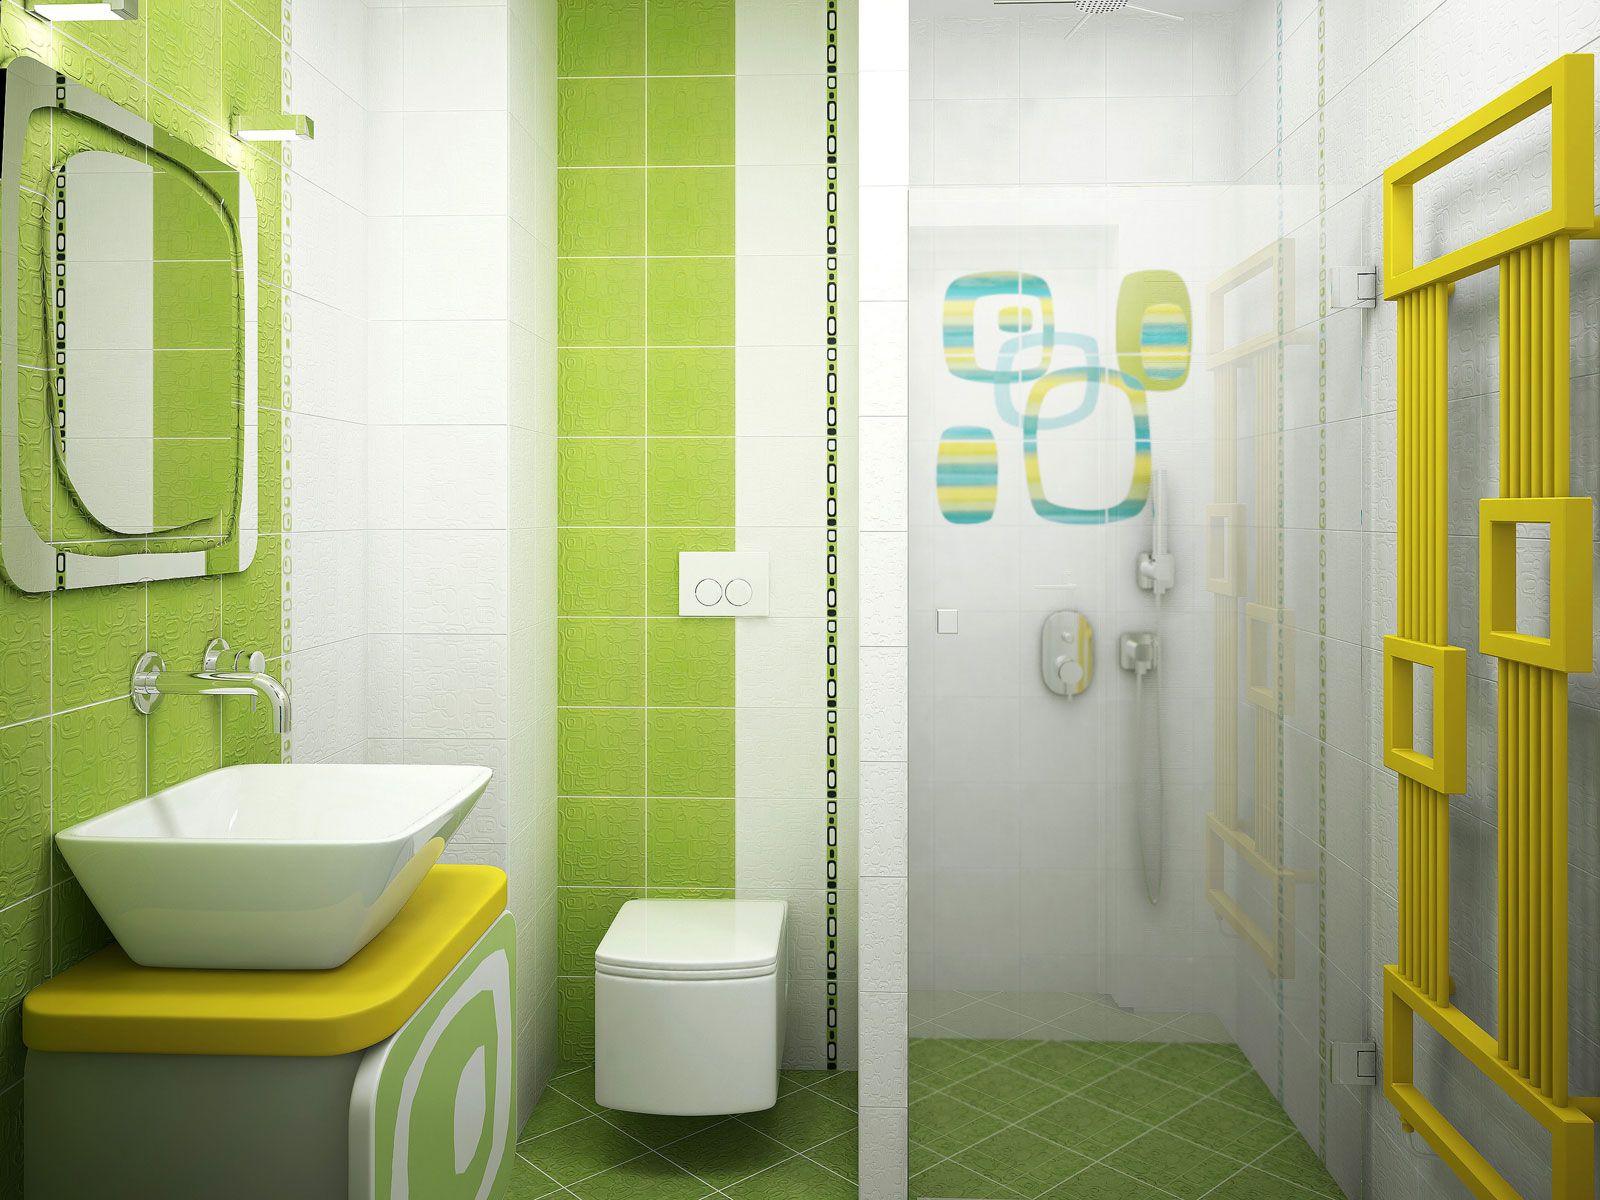 Фото - Ремонт ванної кімнати: діємо по порядку